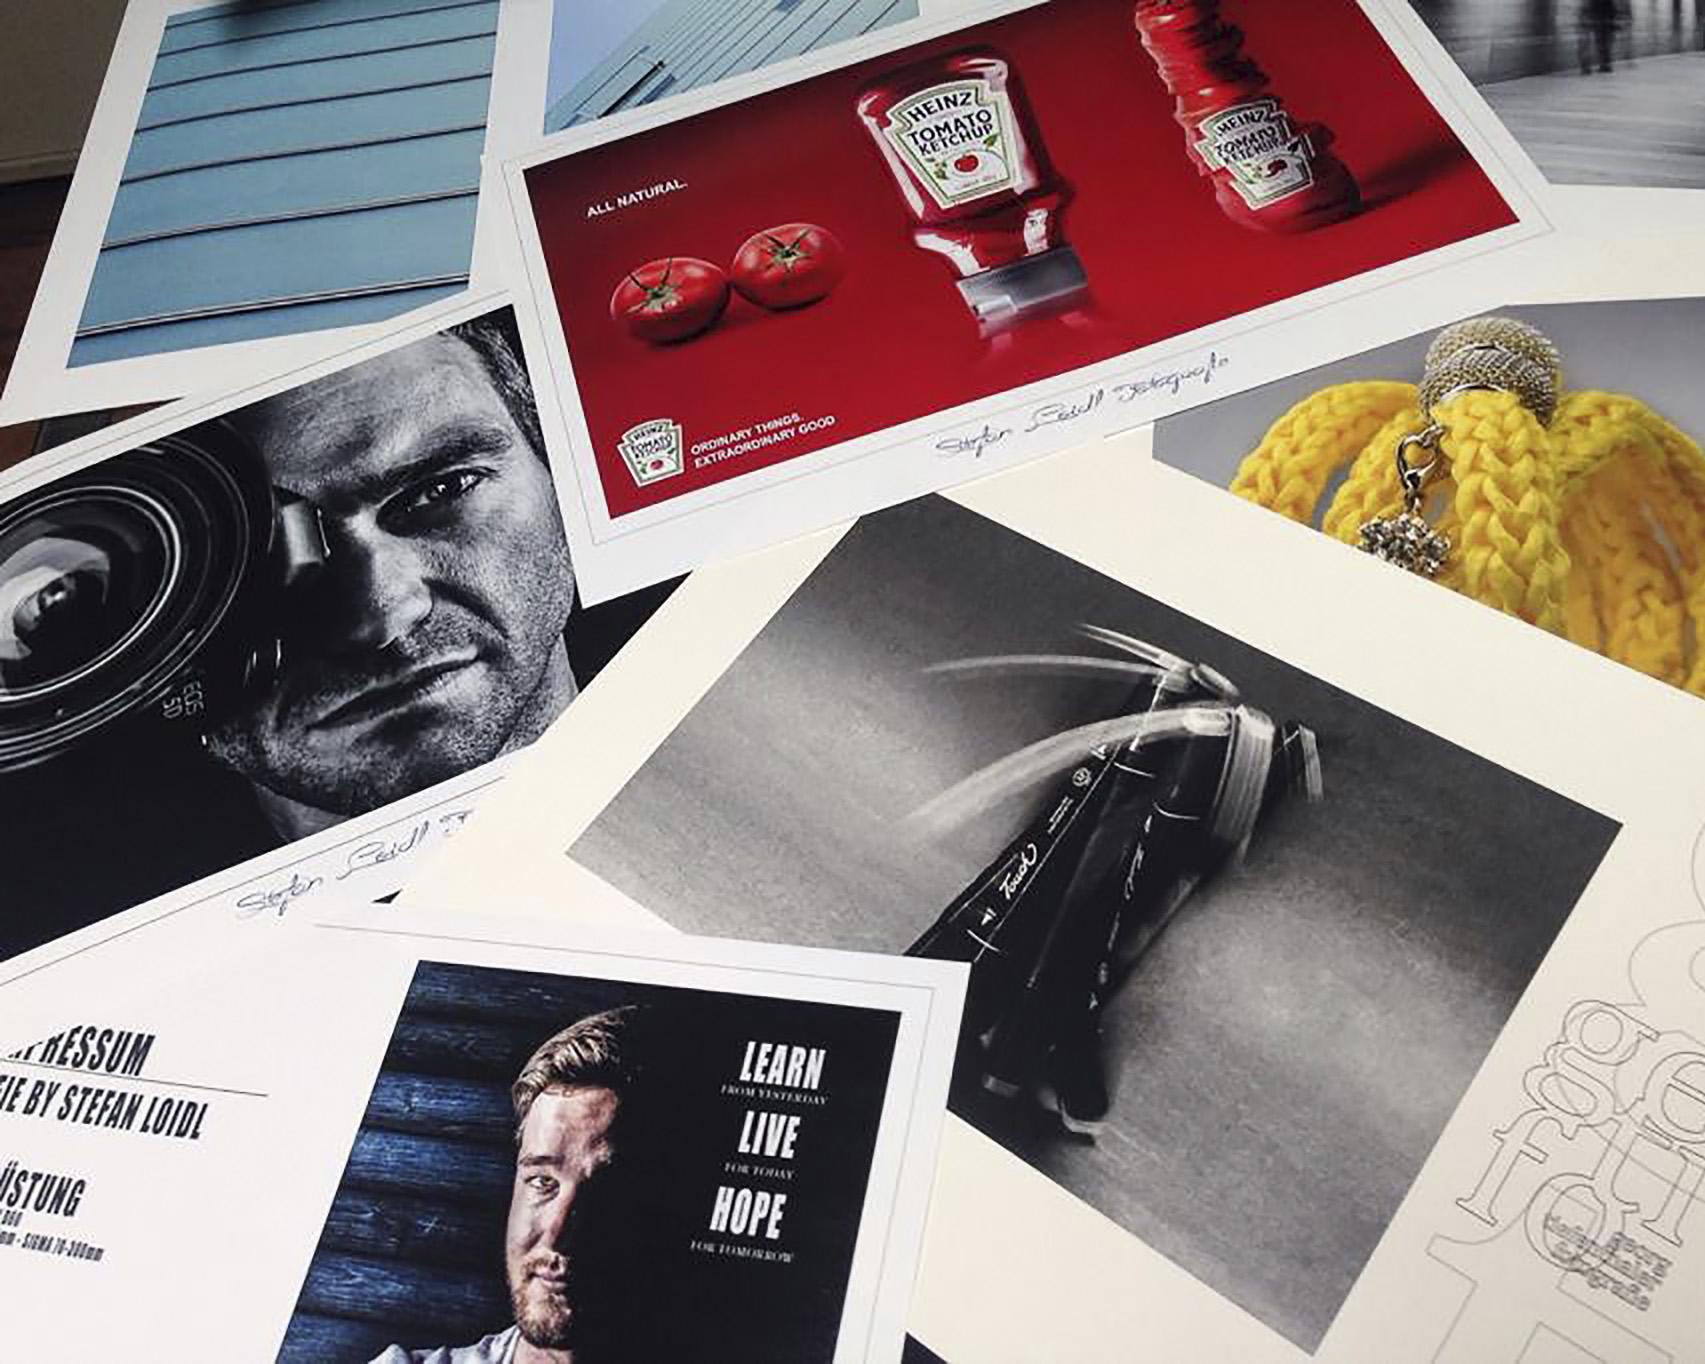 LINZ - LIK Akademie für Foto und Design